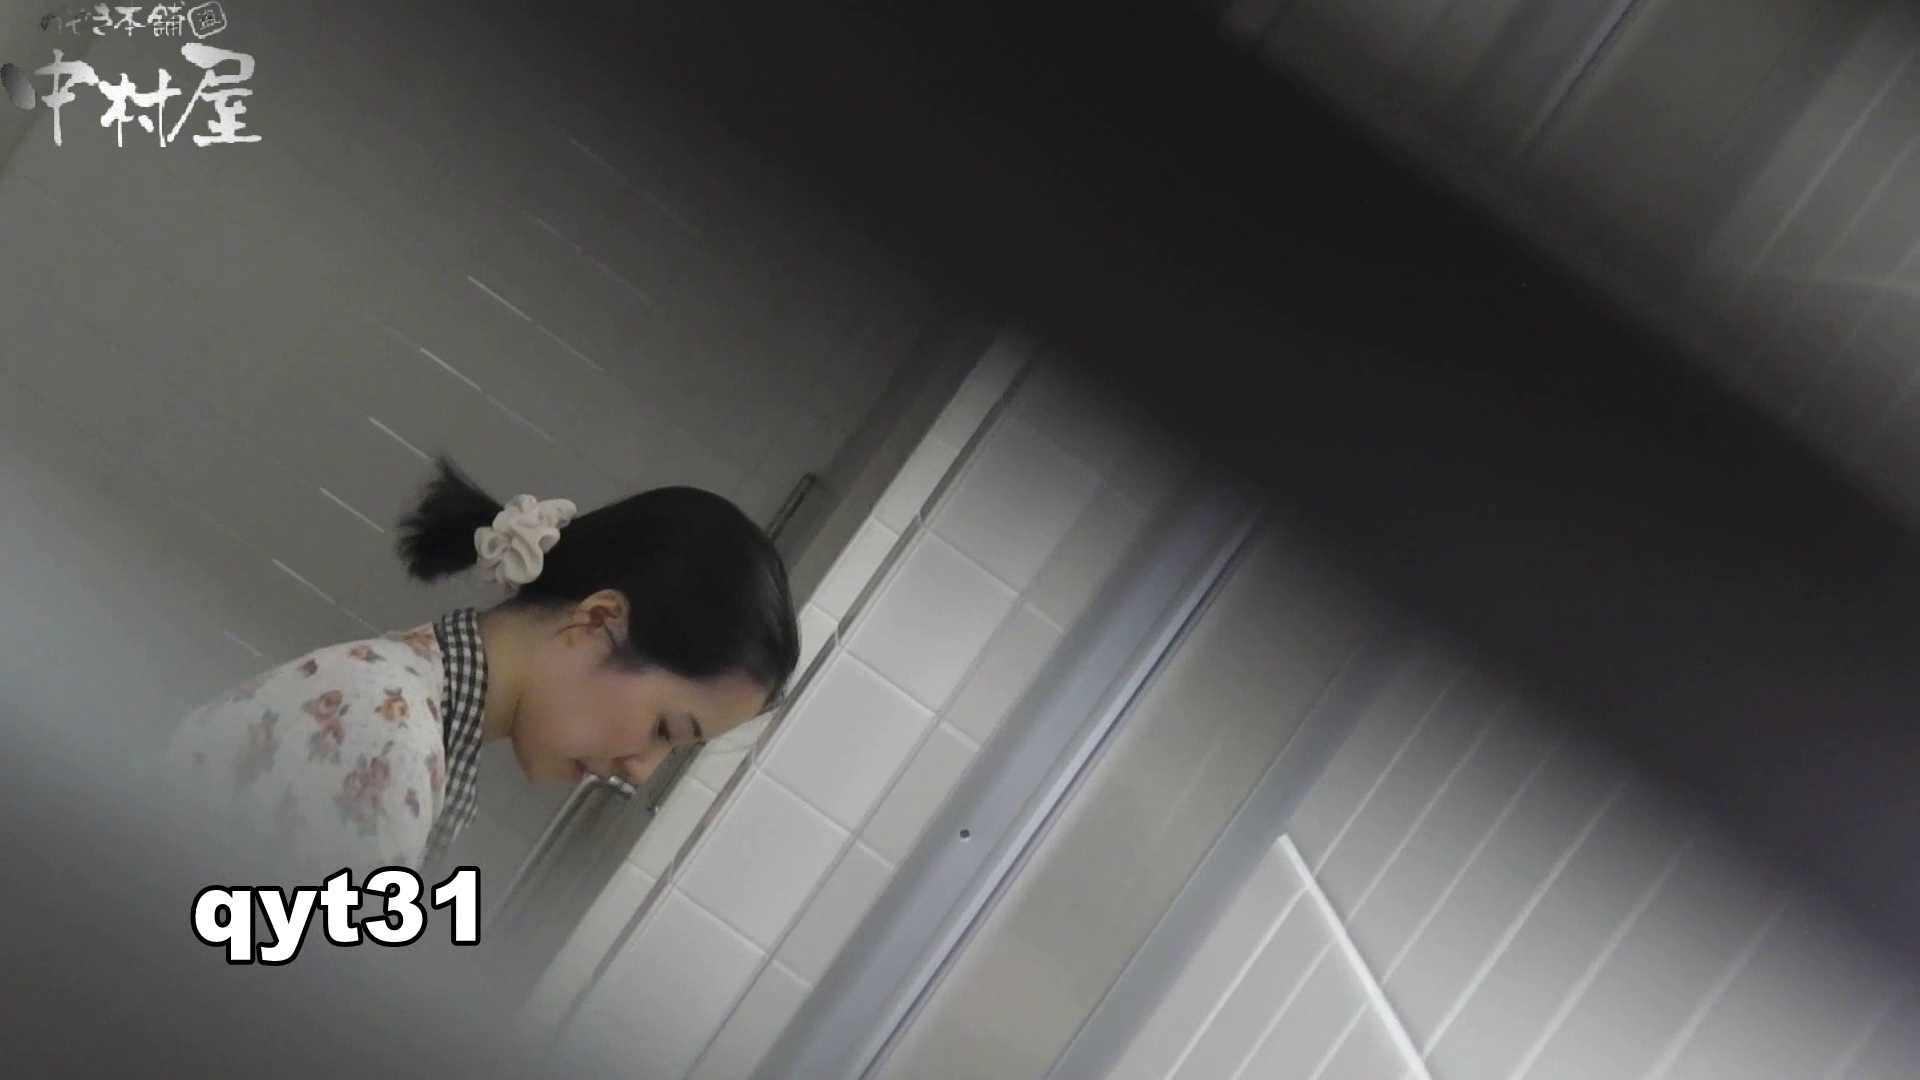 【お銀さんの「洗面所突入レポート!!」】お銀さんの「洗面所突入レポート!!」 vol.31 Σ(||゚Д゚)ヒィ~!! OLセックス  66画像 30